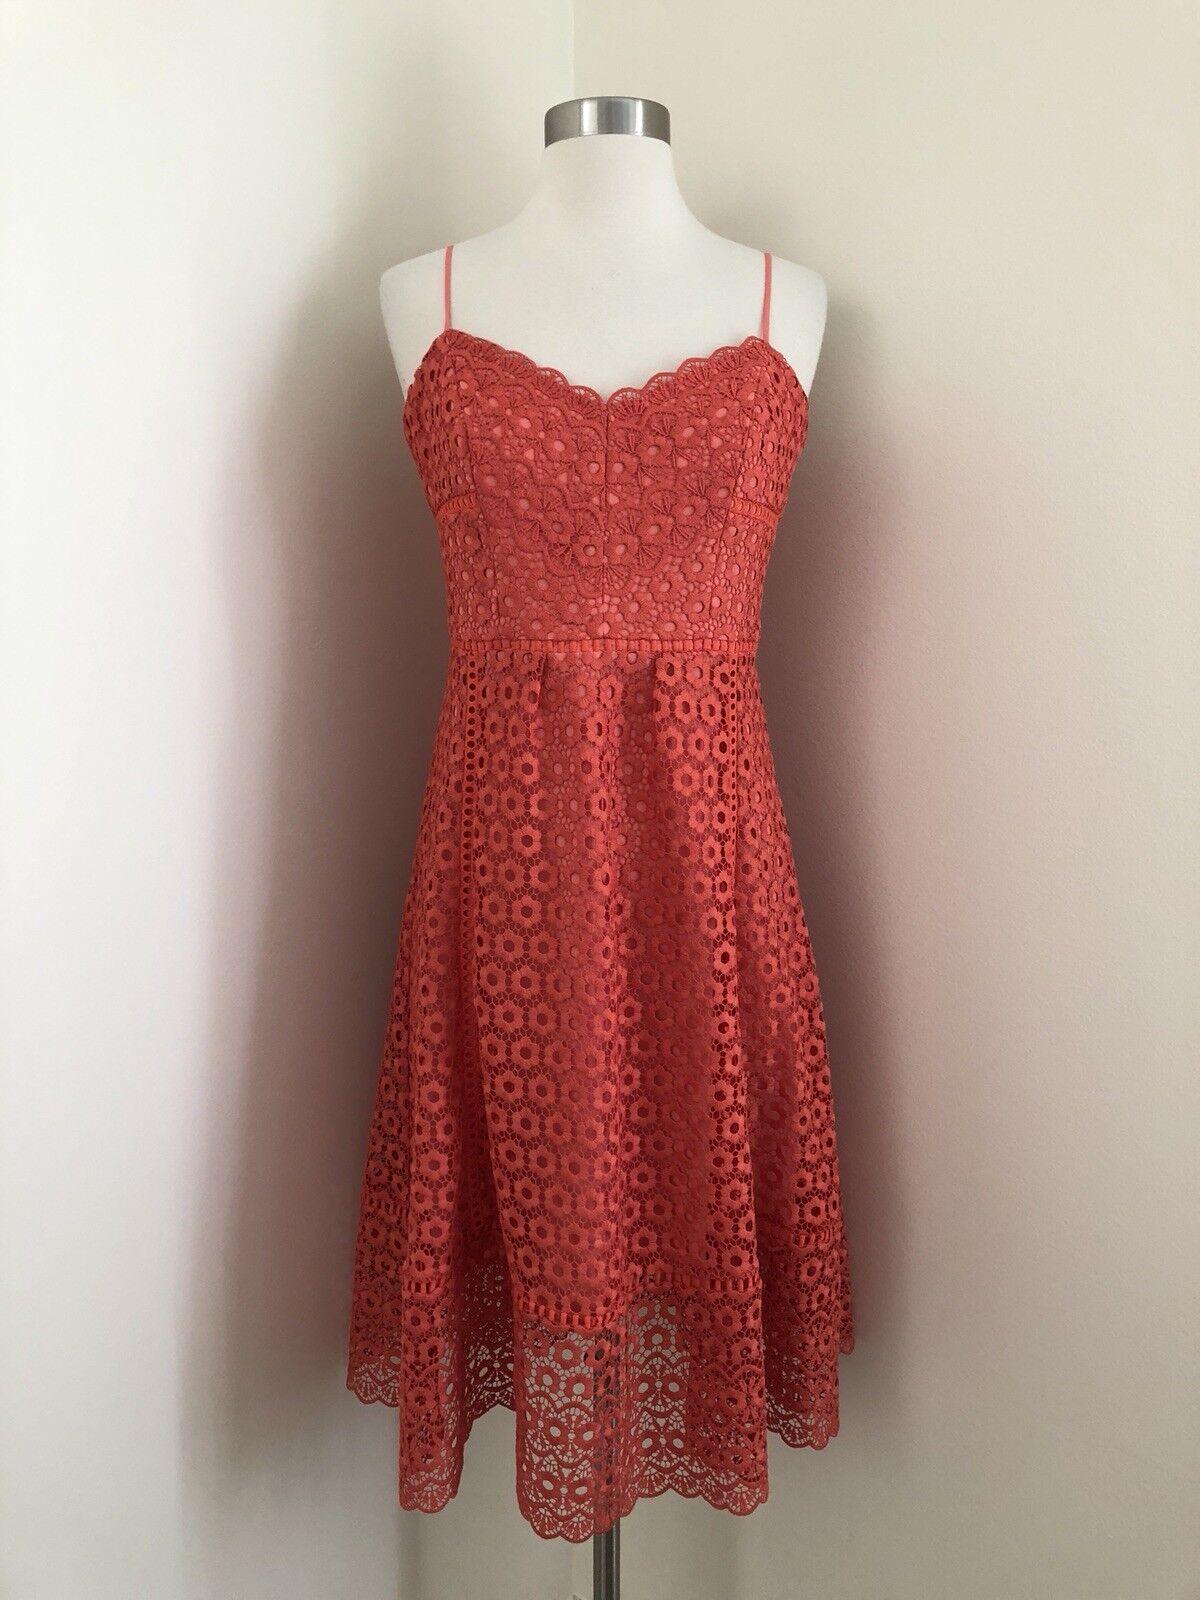 Nouveau J. CREW 178   daisylace robe Orange Größe 4 Smoky corail G7489 dentelle